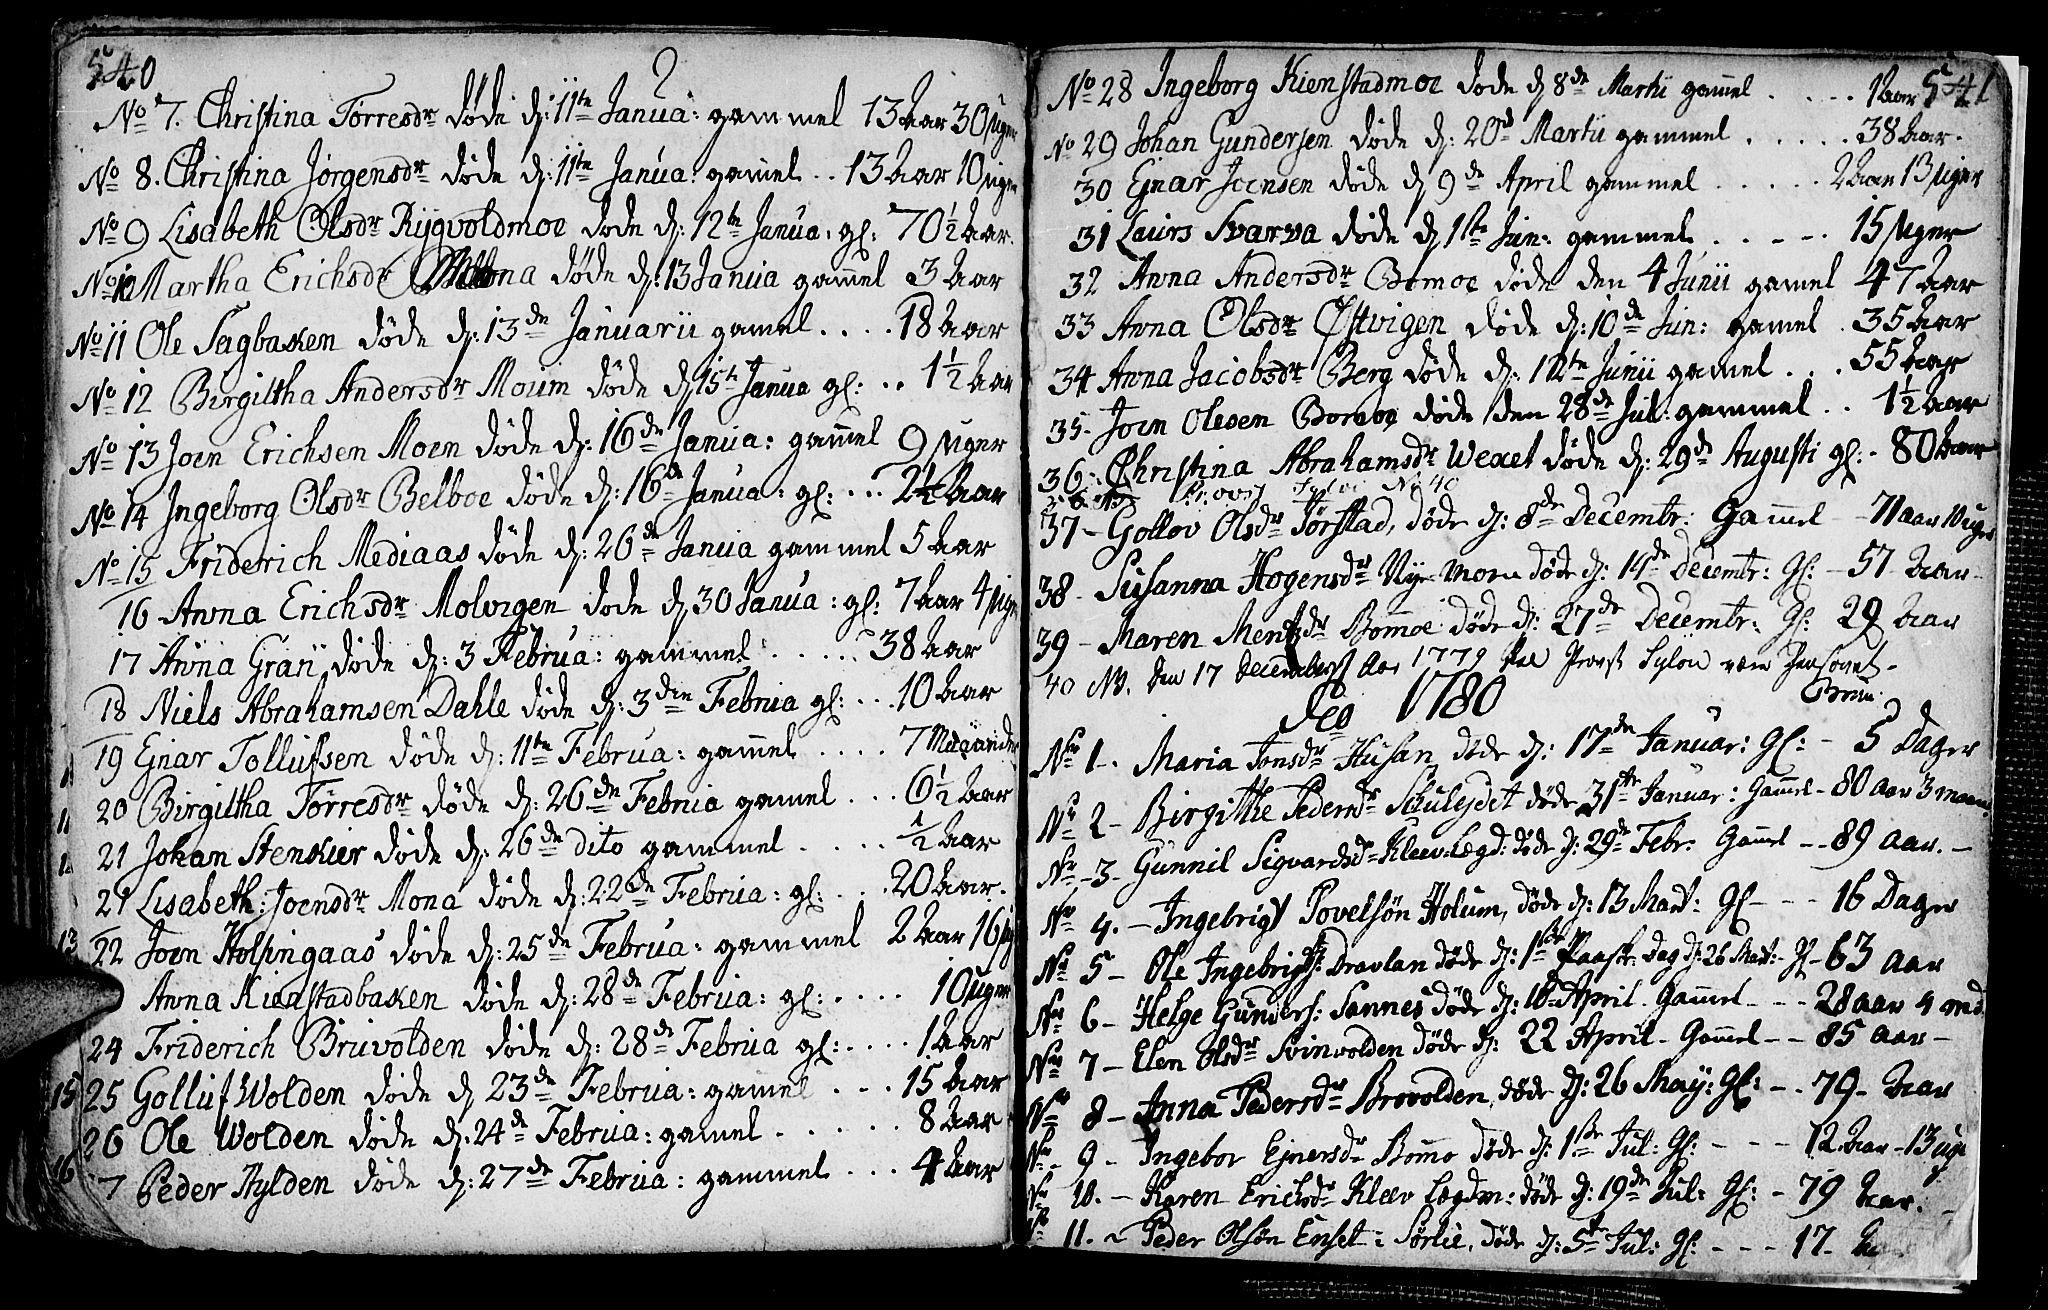 SAT, Ministerialprotokoller, klokkerbøker og fødselsregistre - Nord-Trøndelag, 749/L0467: Ministerialbok nr. 749A01, 1733-1787, s. 540-541